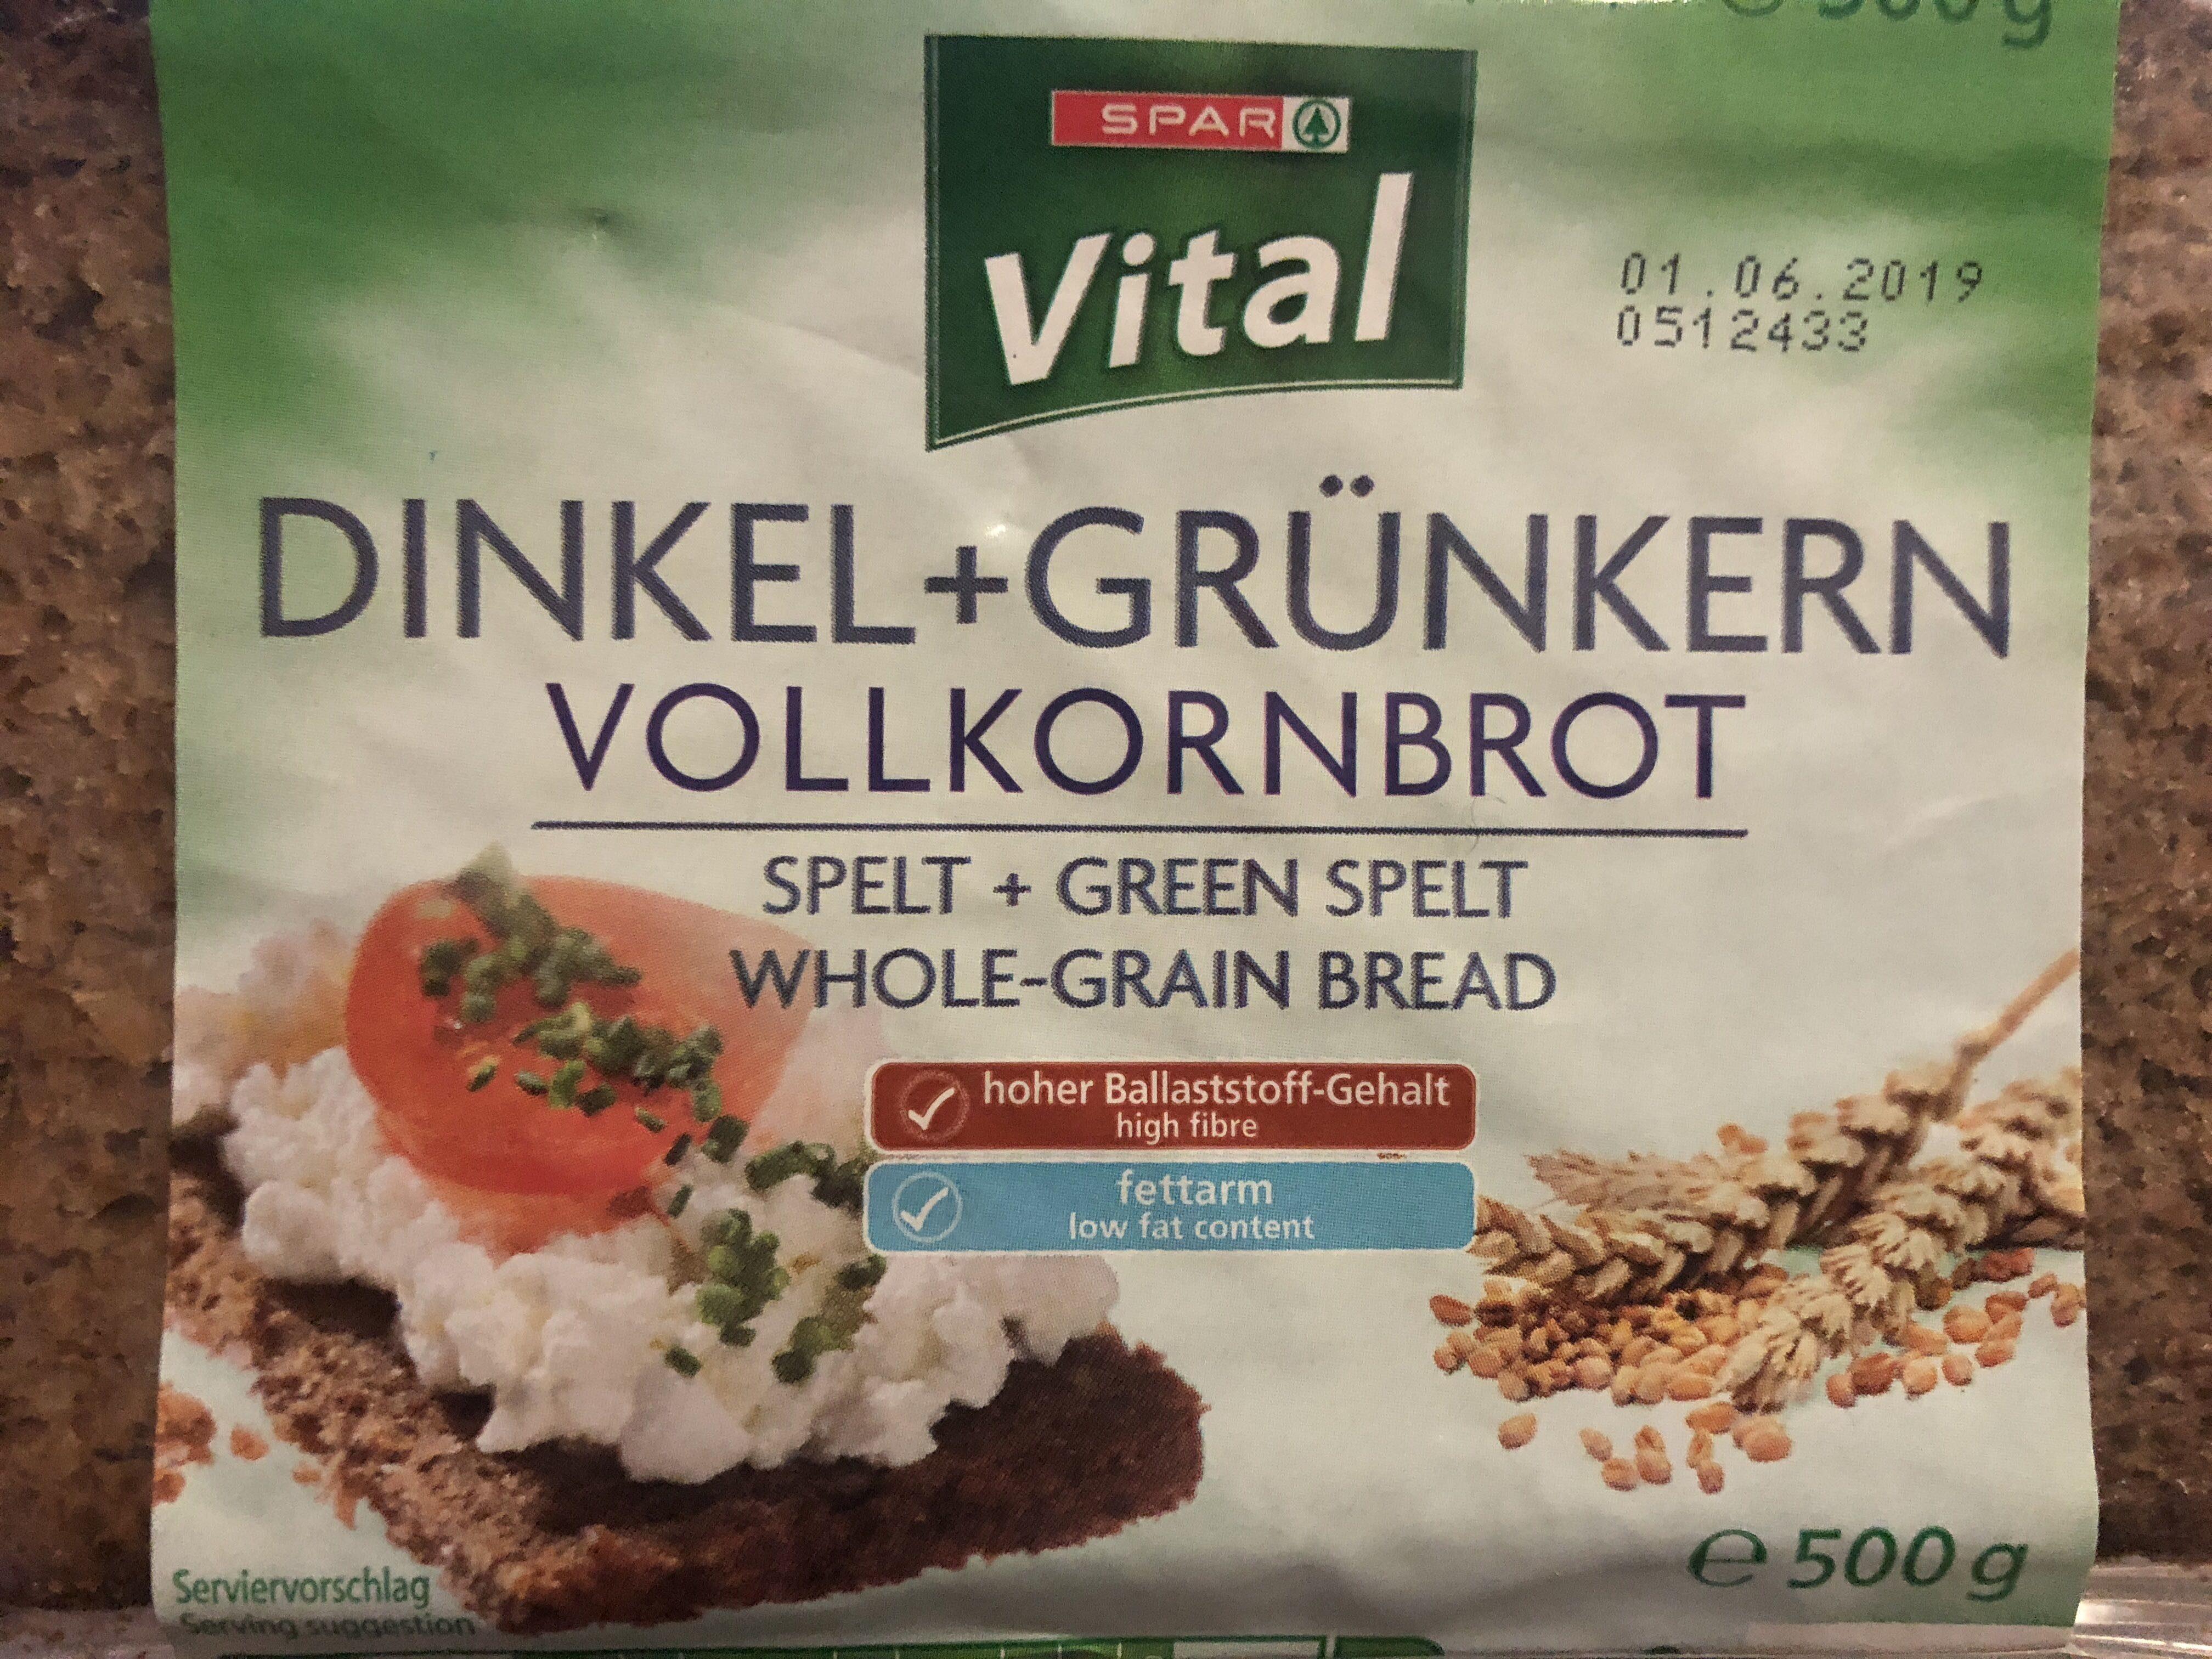 Whole-grain bread - Product - en